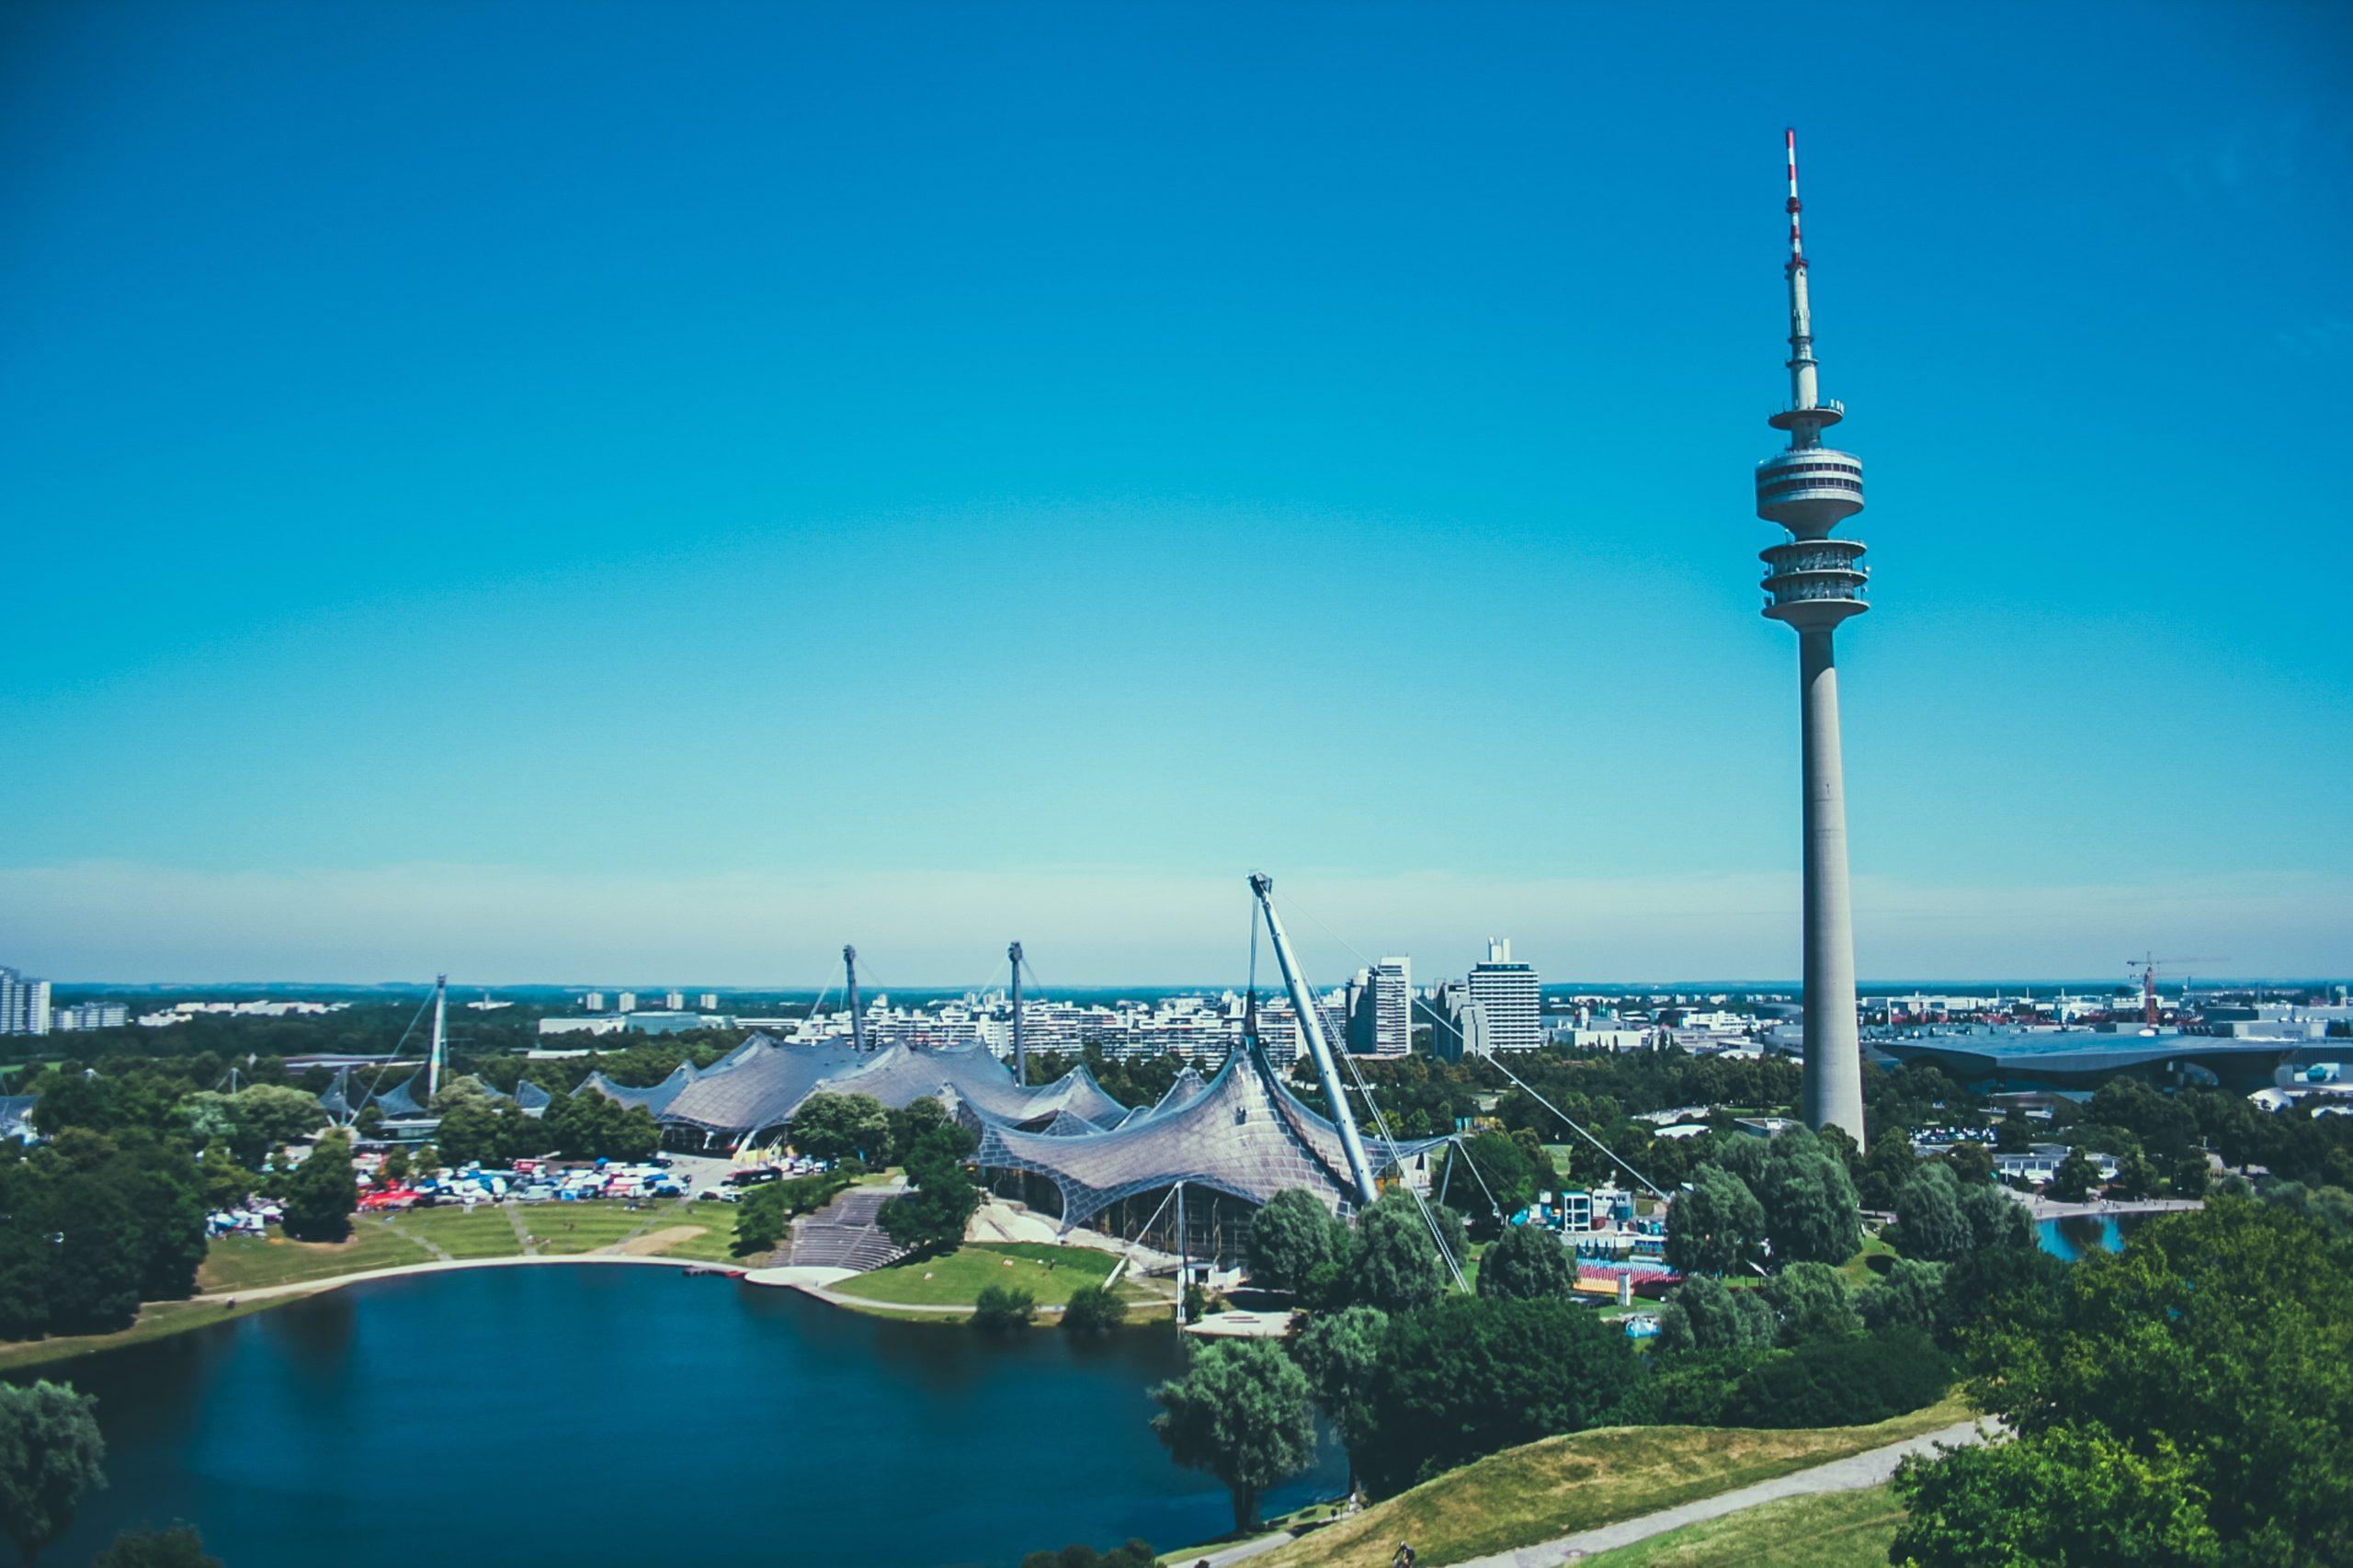 أفضل مناطق الجذب السياحي في ميونيخ